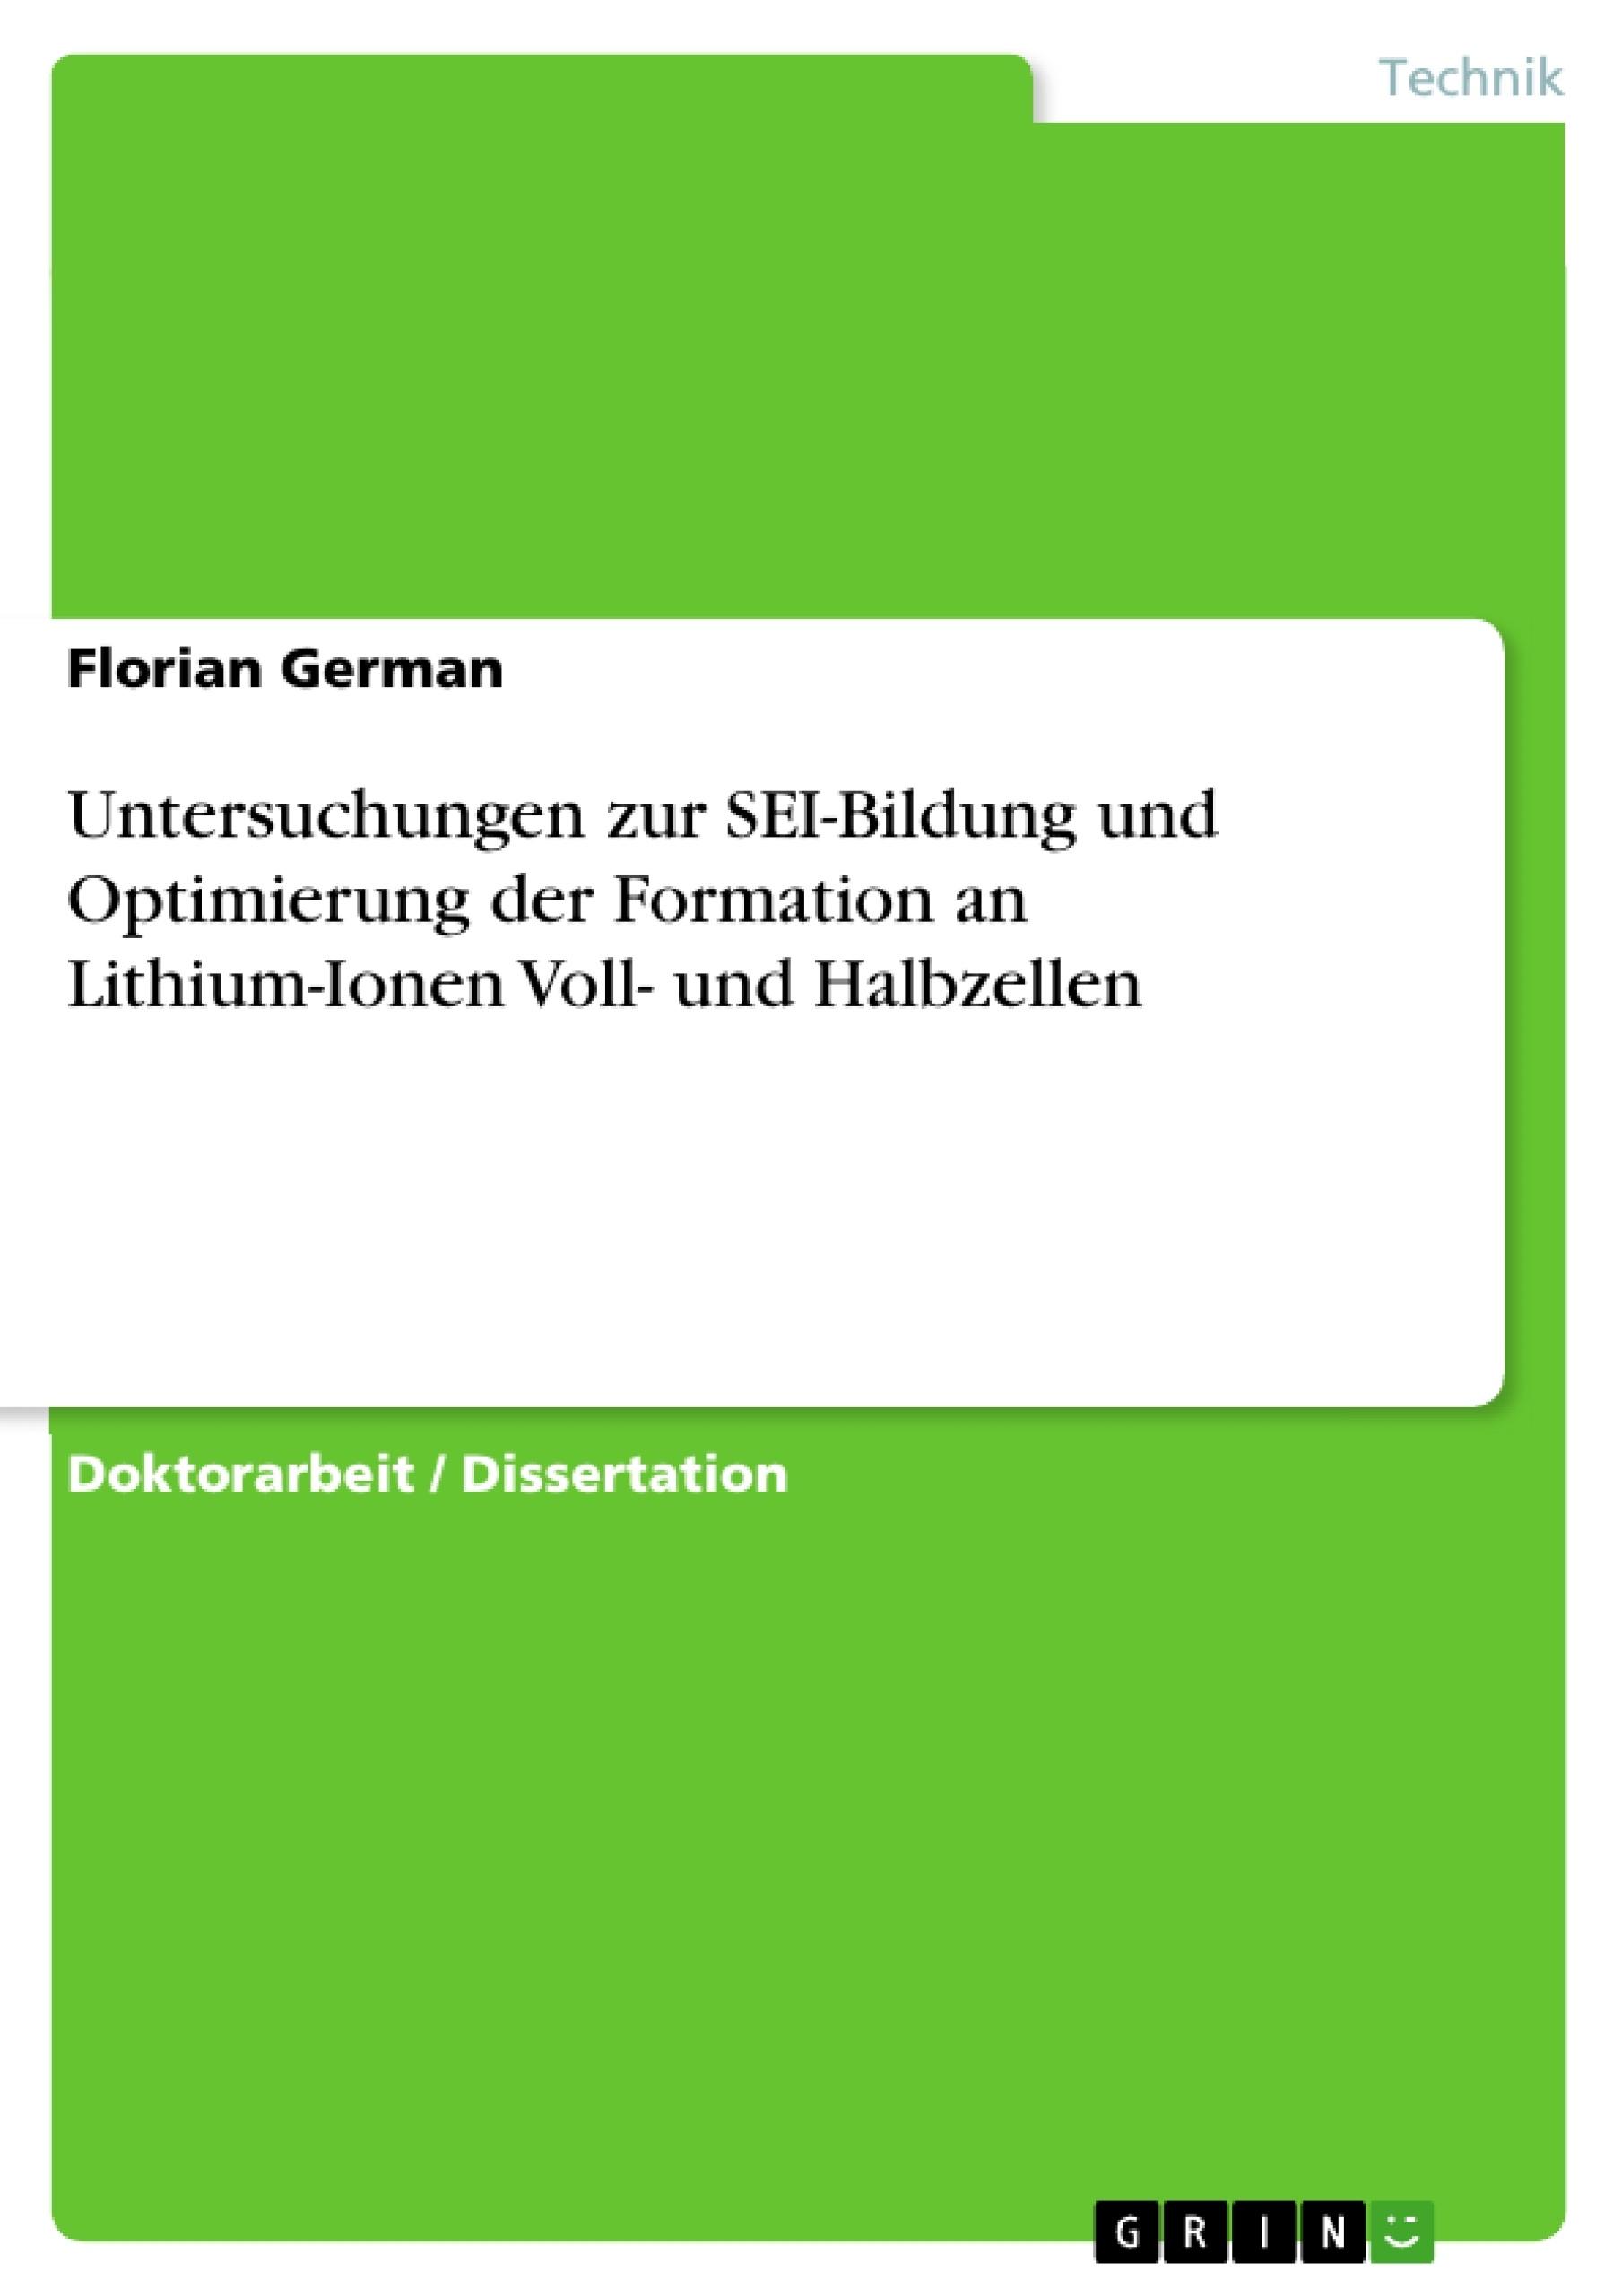 Titel: Untersuchungen zur SEI-Bildung und Optimierung der Formation an Lithium-Ionen Voll- und Halbzellen